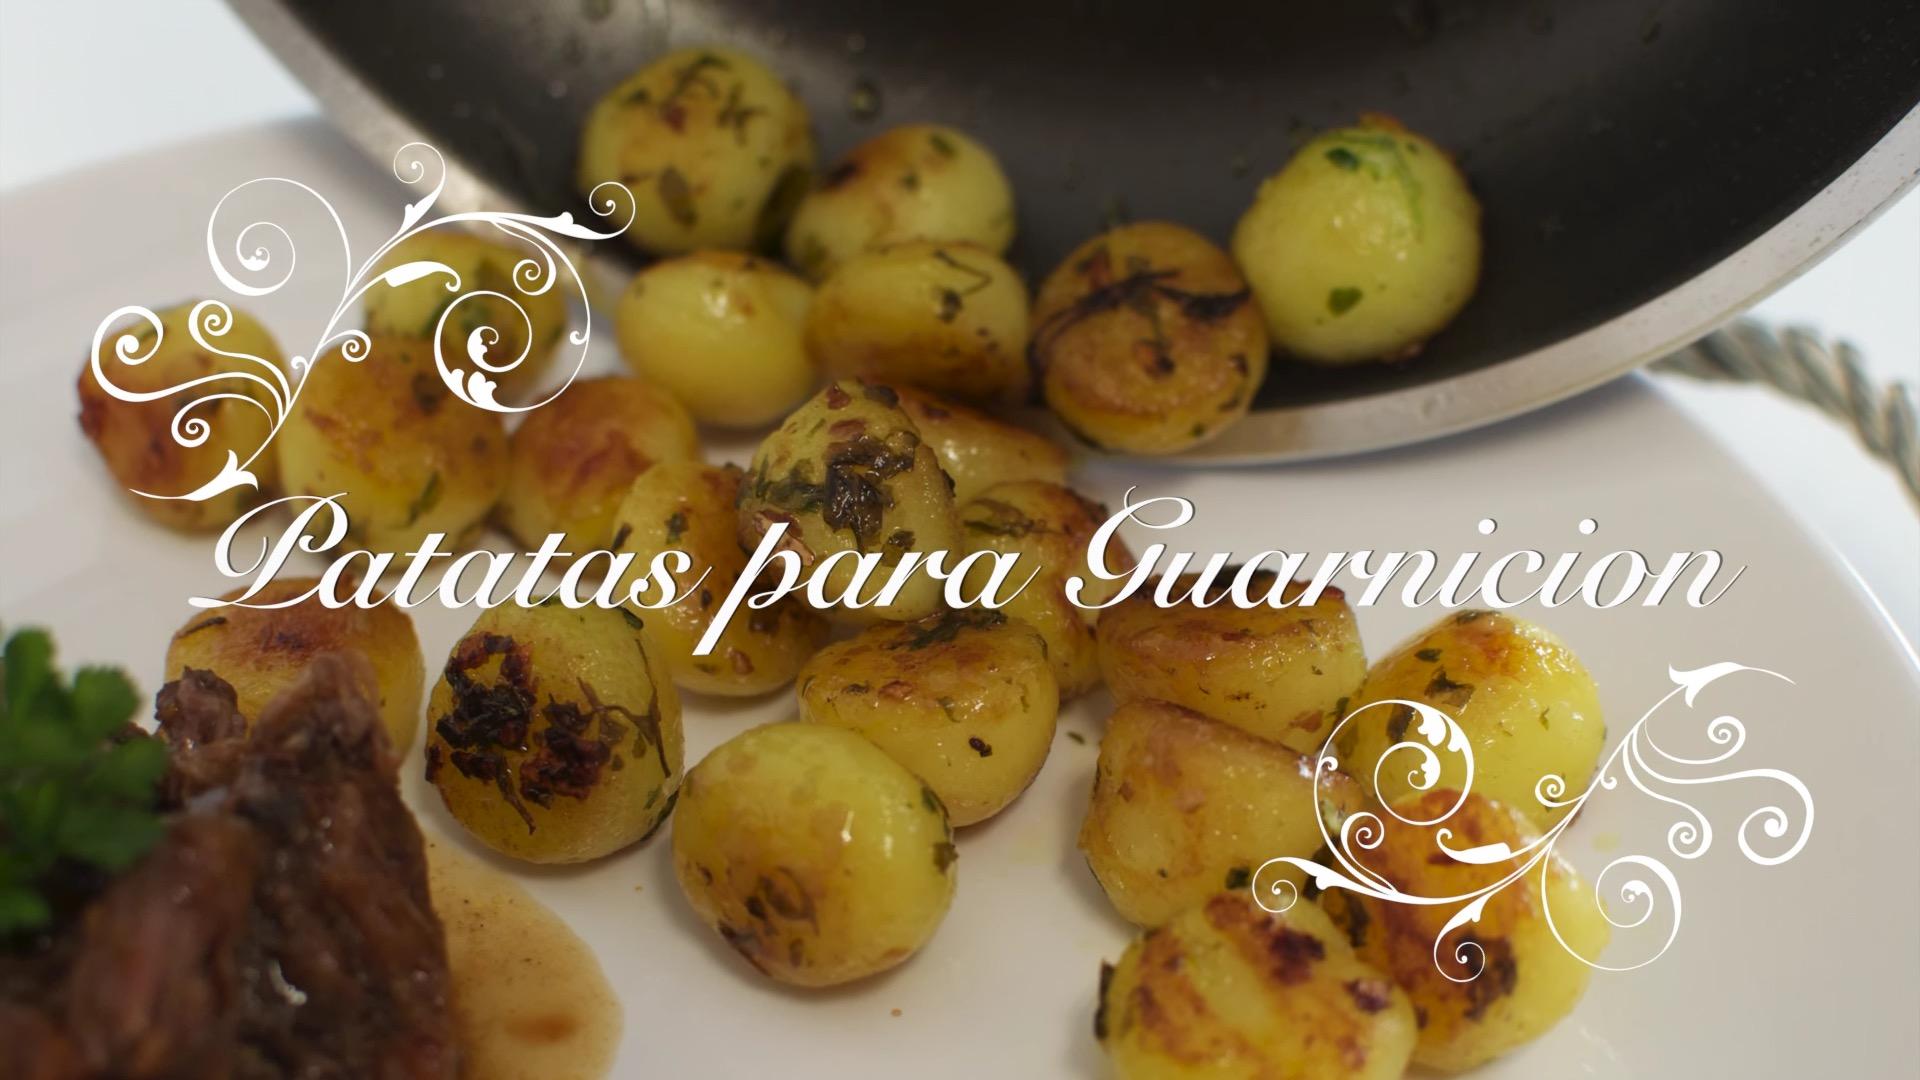 Receta de Patatas para Guarnición